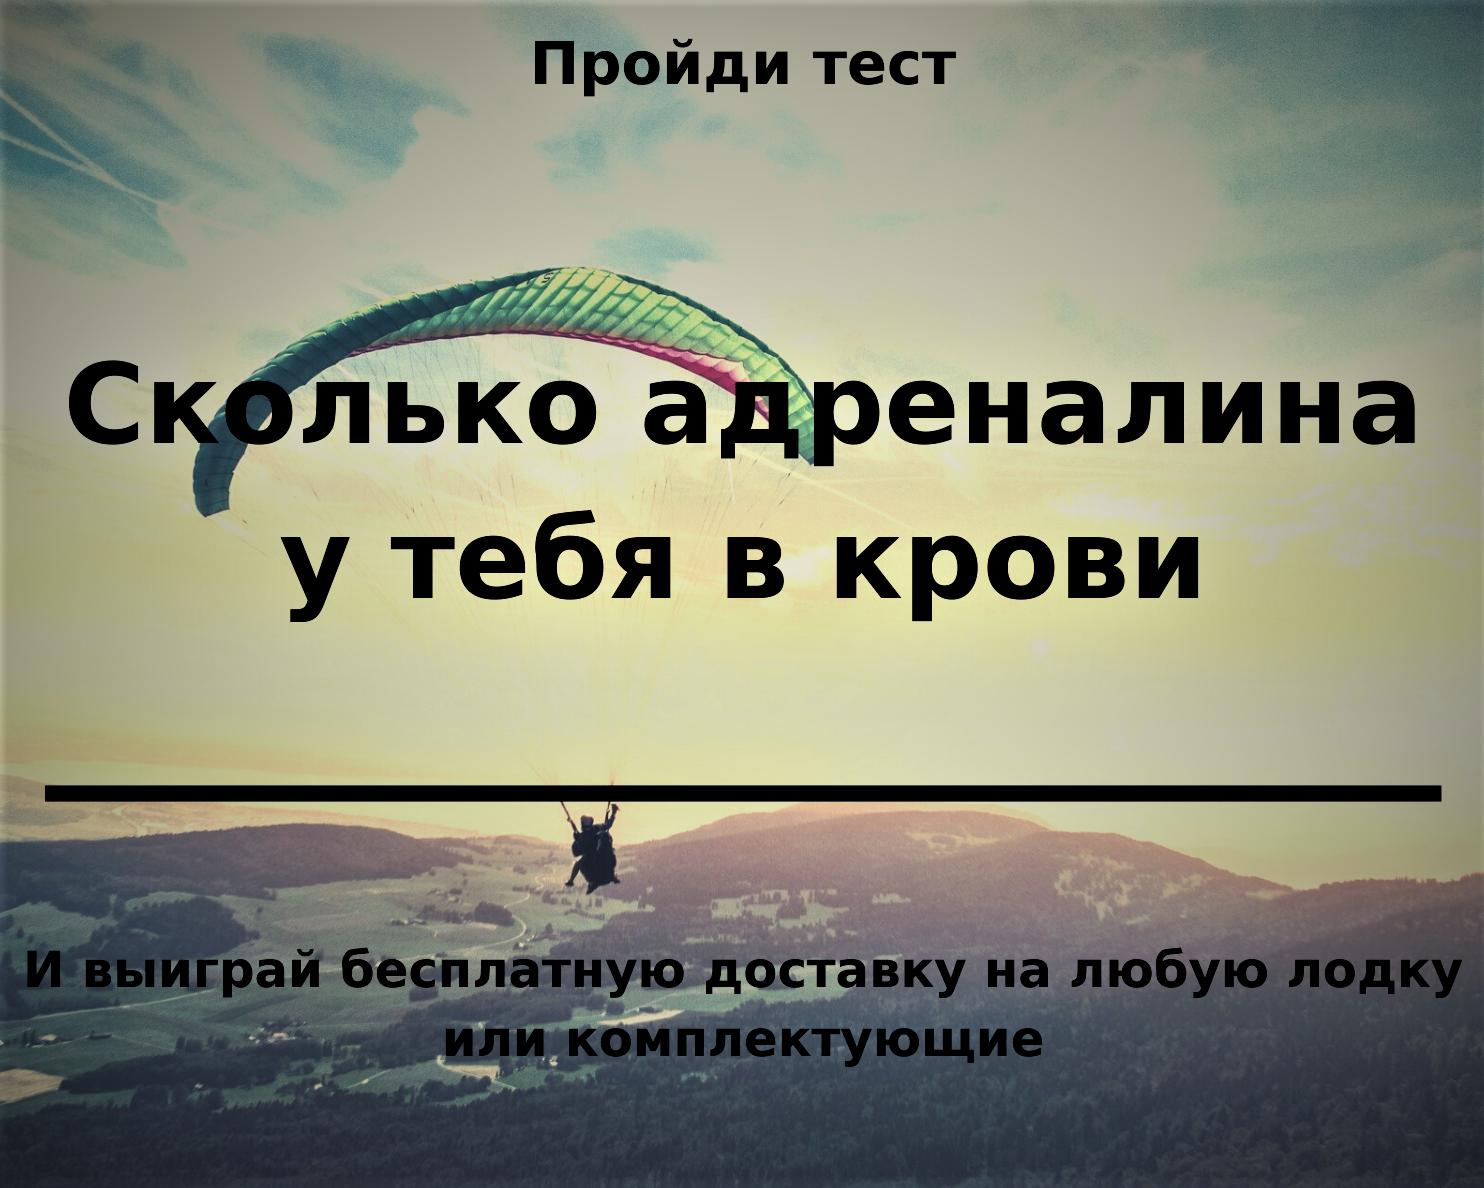 Надувные ПВХ лодки Двина